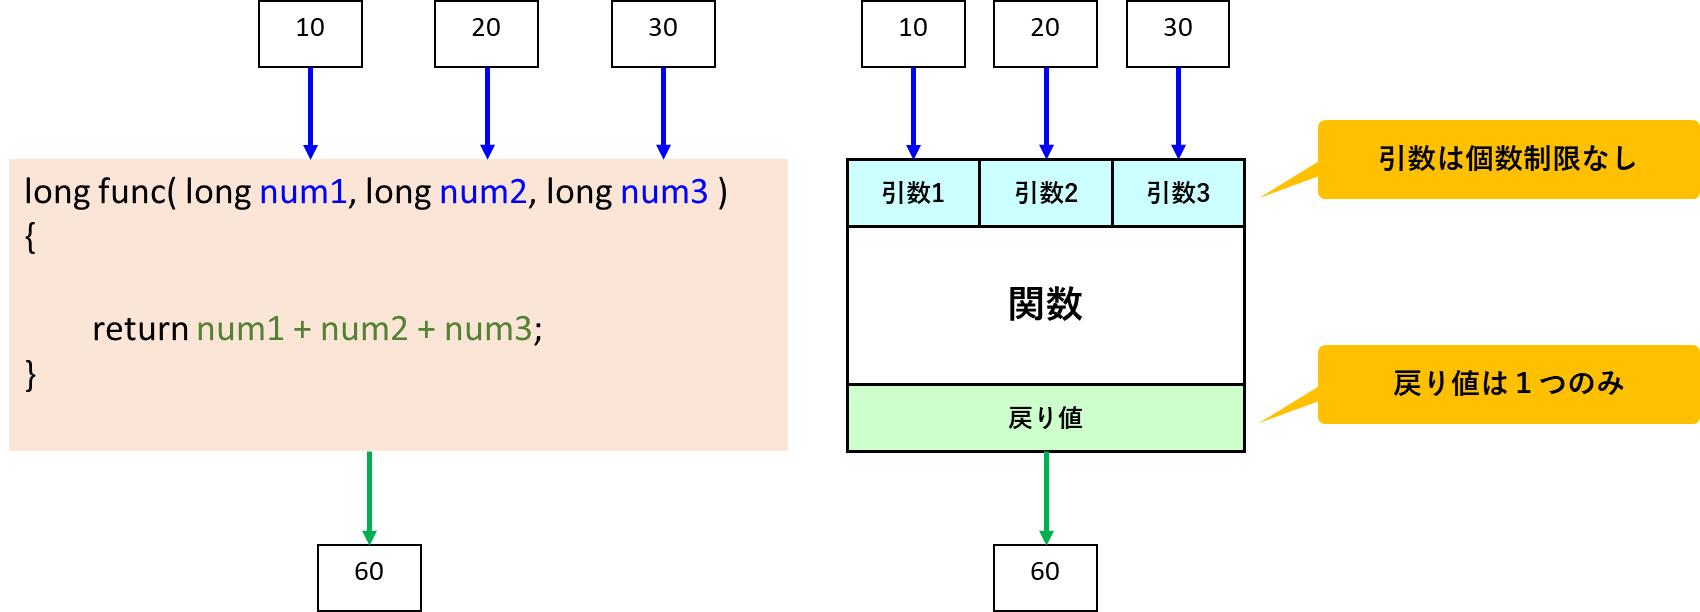 引数と戻り値の個数制限